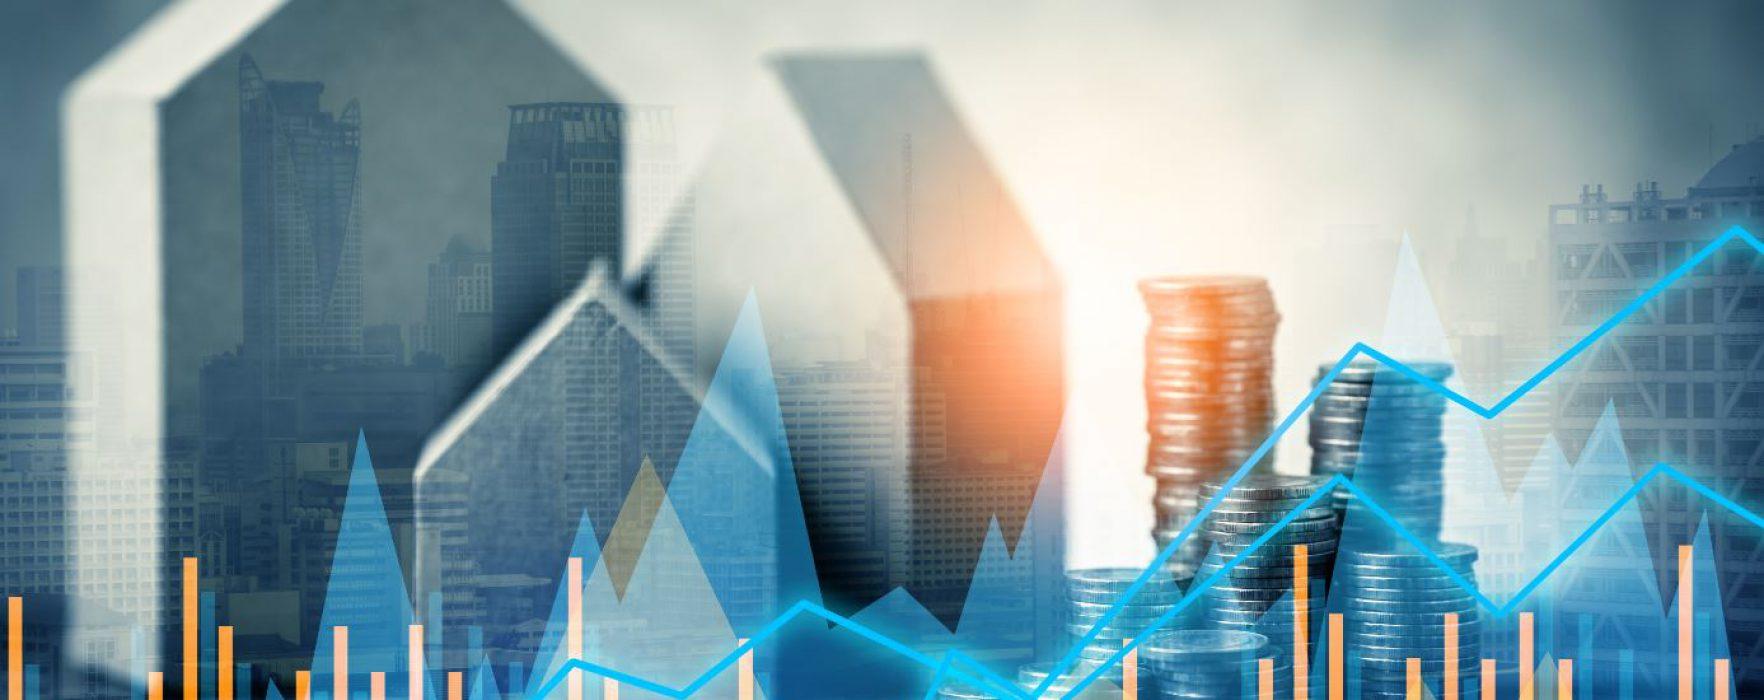 IVA en las viviendas de obra nueva: cuánto hay que pagar